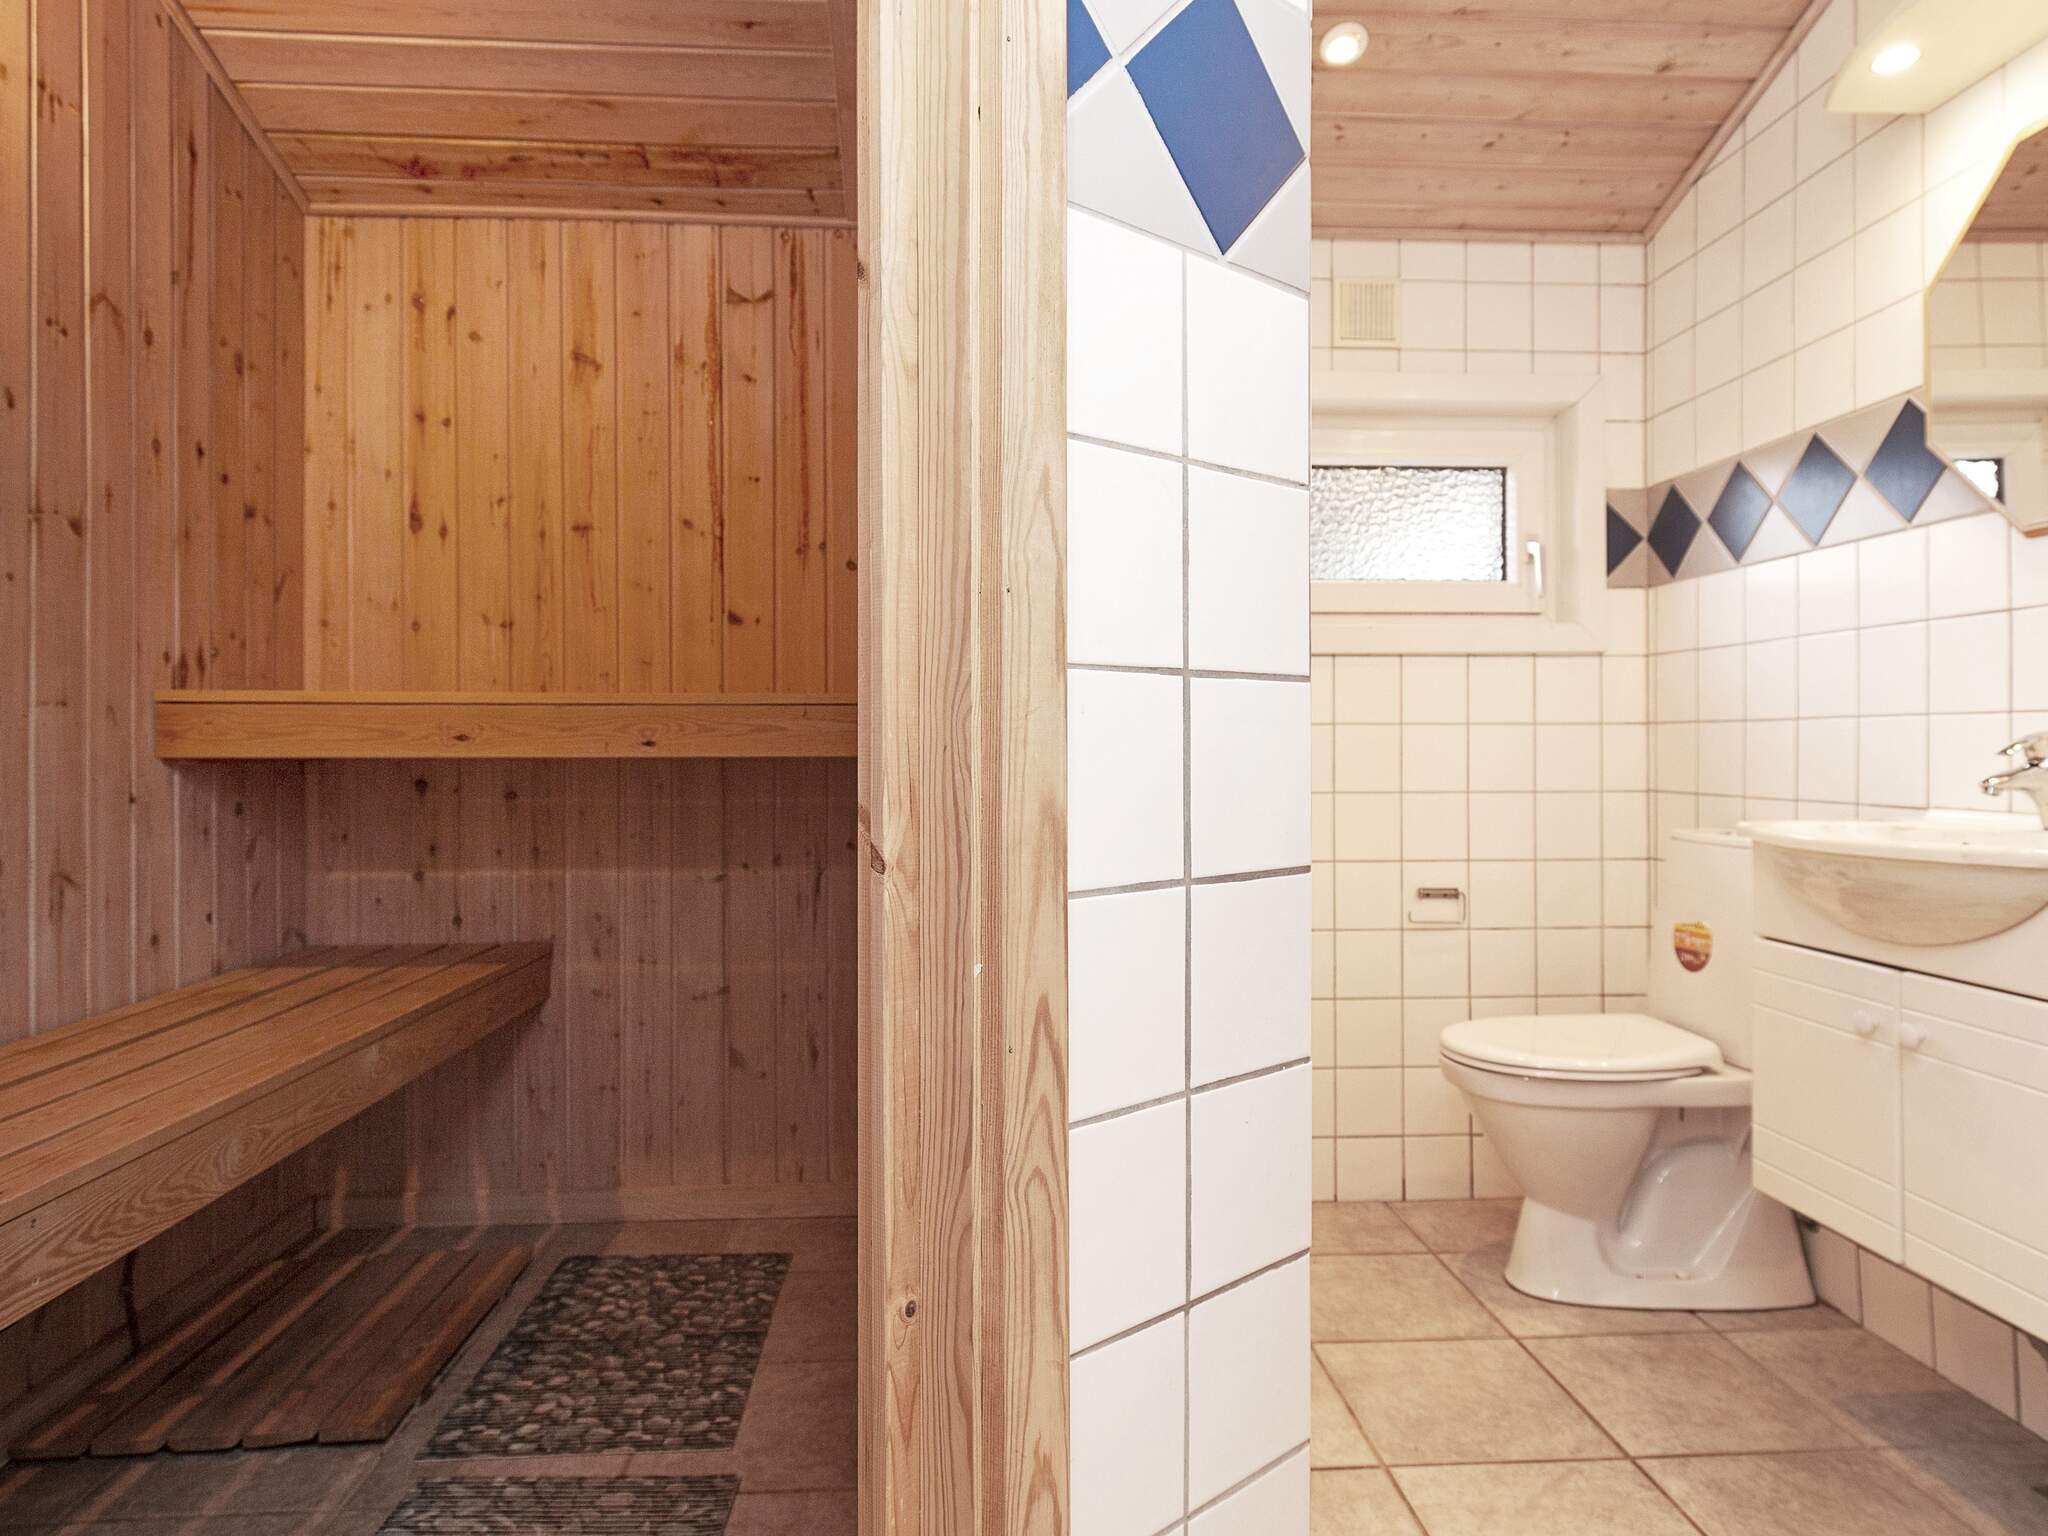 Ferienhaus Marielyst (83562), Marielyst, , Falster, Dänemark, Bild 4